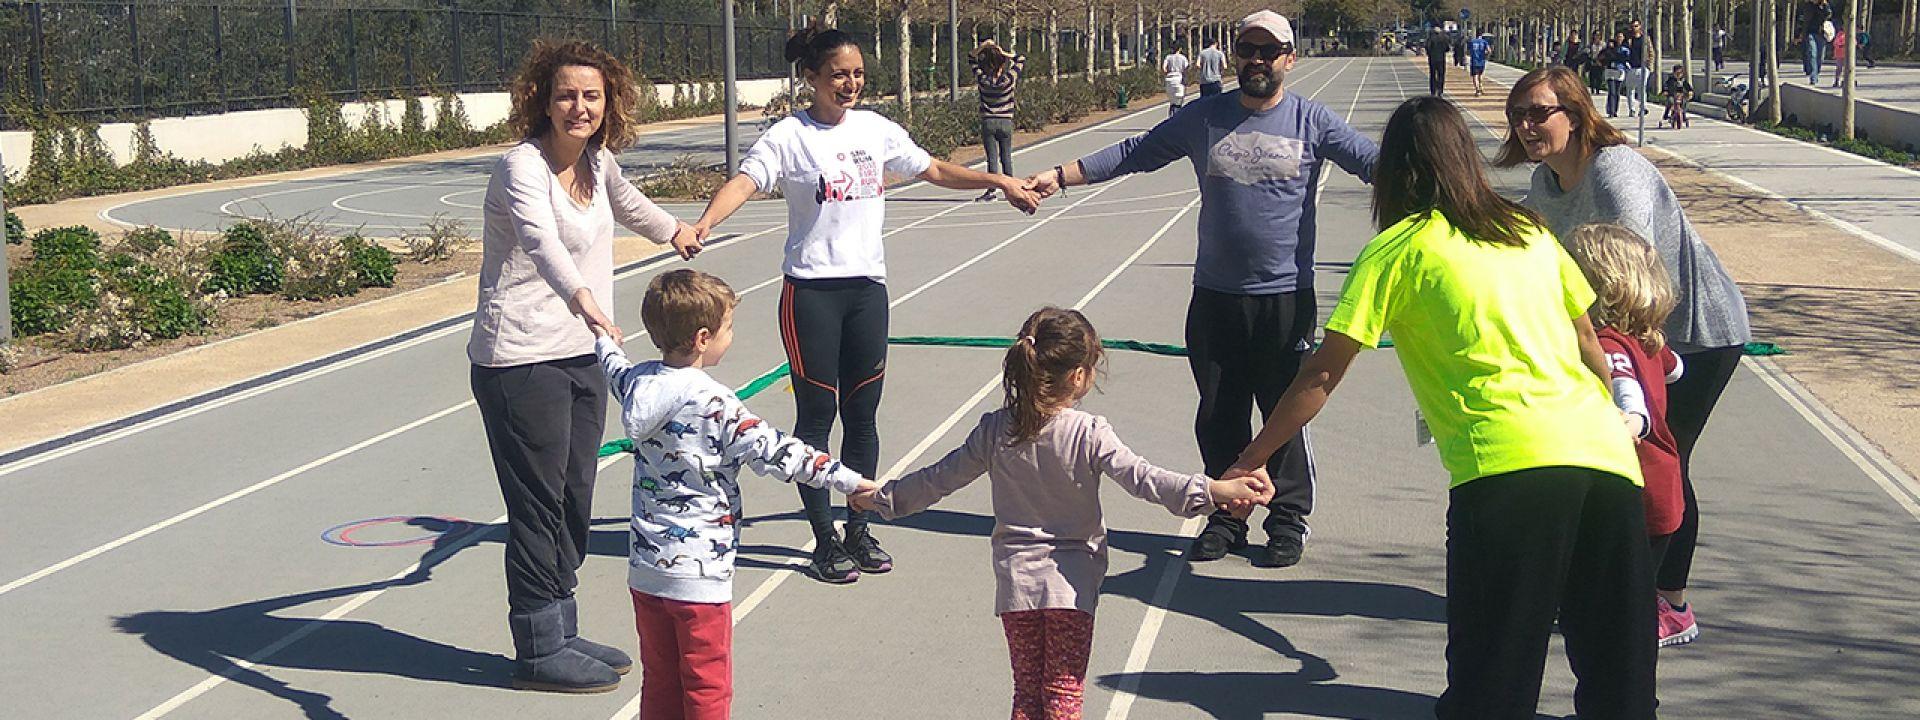 Φωτογραφία που απεικονίζει ενήλικες και παιδιά να στέκονται σε κύκλο